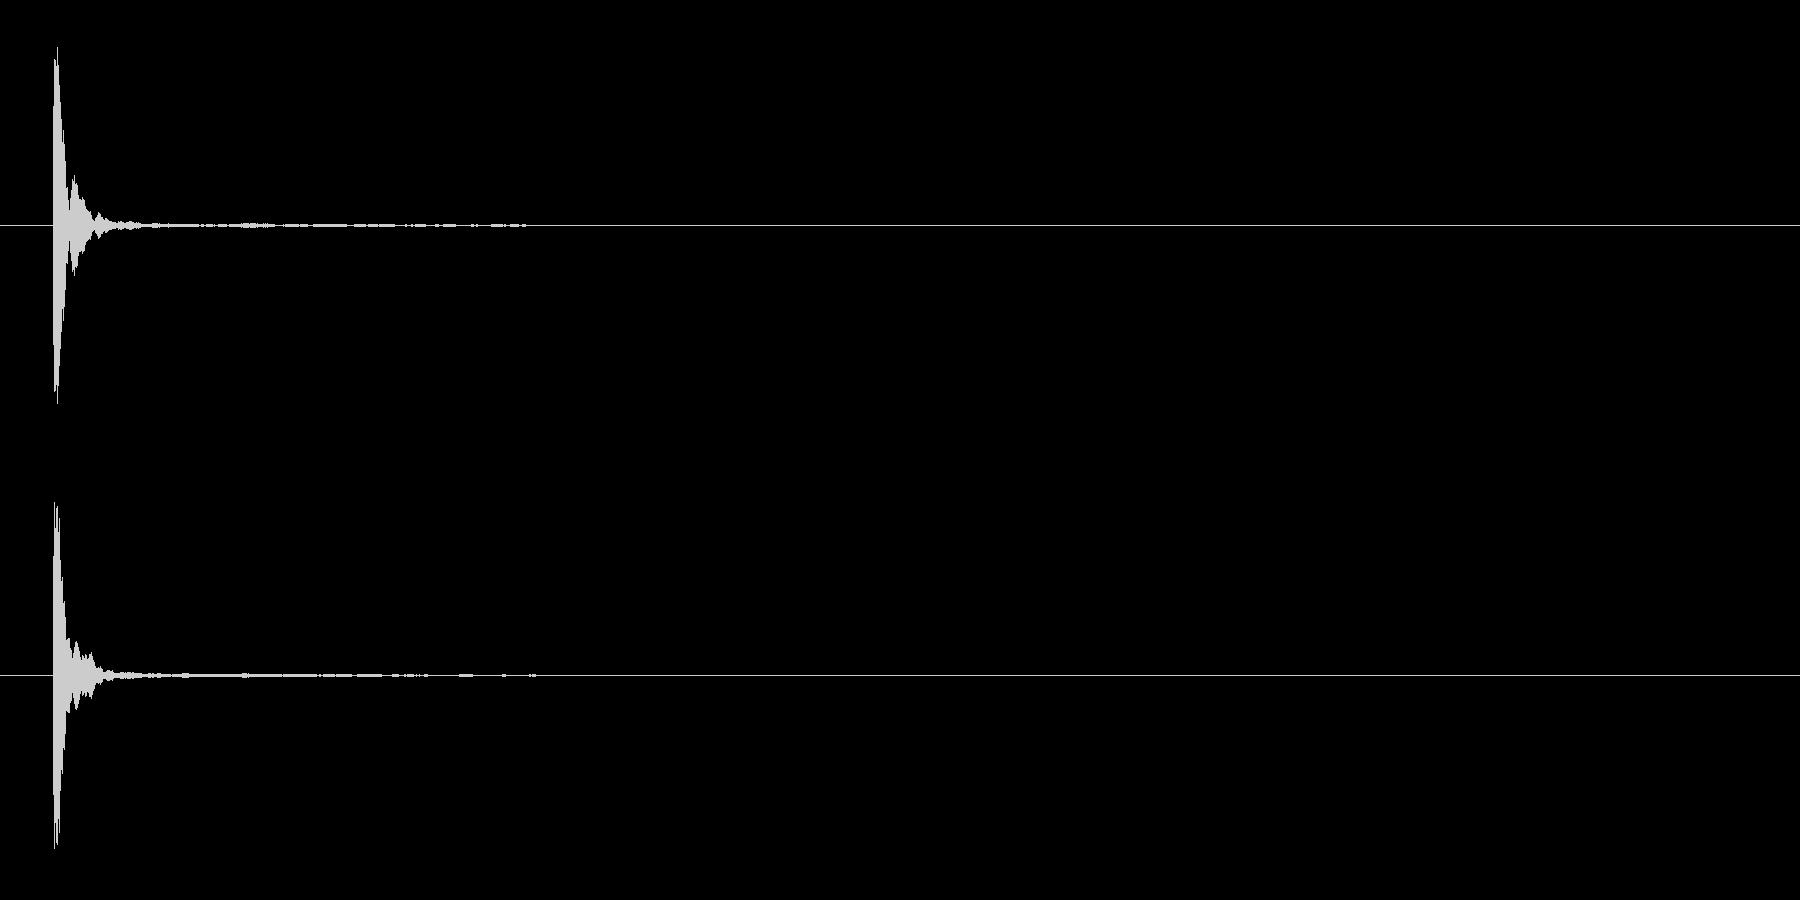 「ポン」木魚(もくぎょ)の単発音+FXの未再生の波形